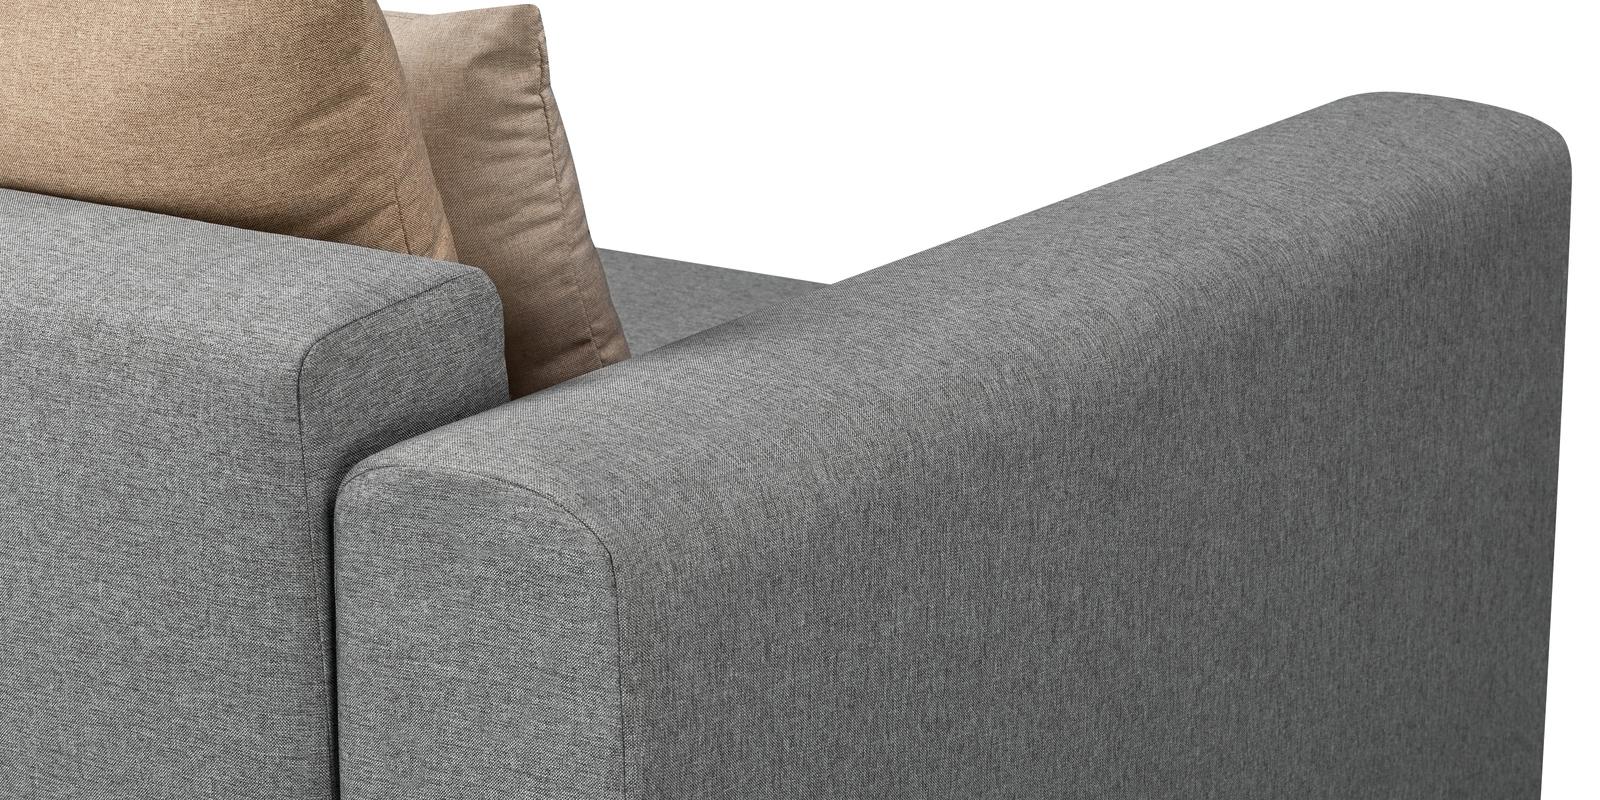 Кресло тканевое Медисон 100 см Falcone серый (Рогожка) от HomeMe.ru